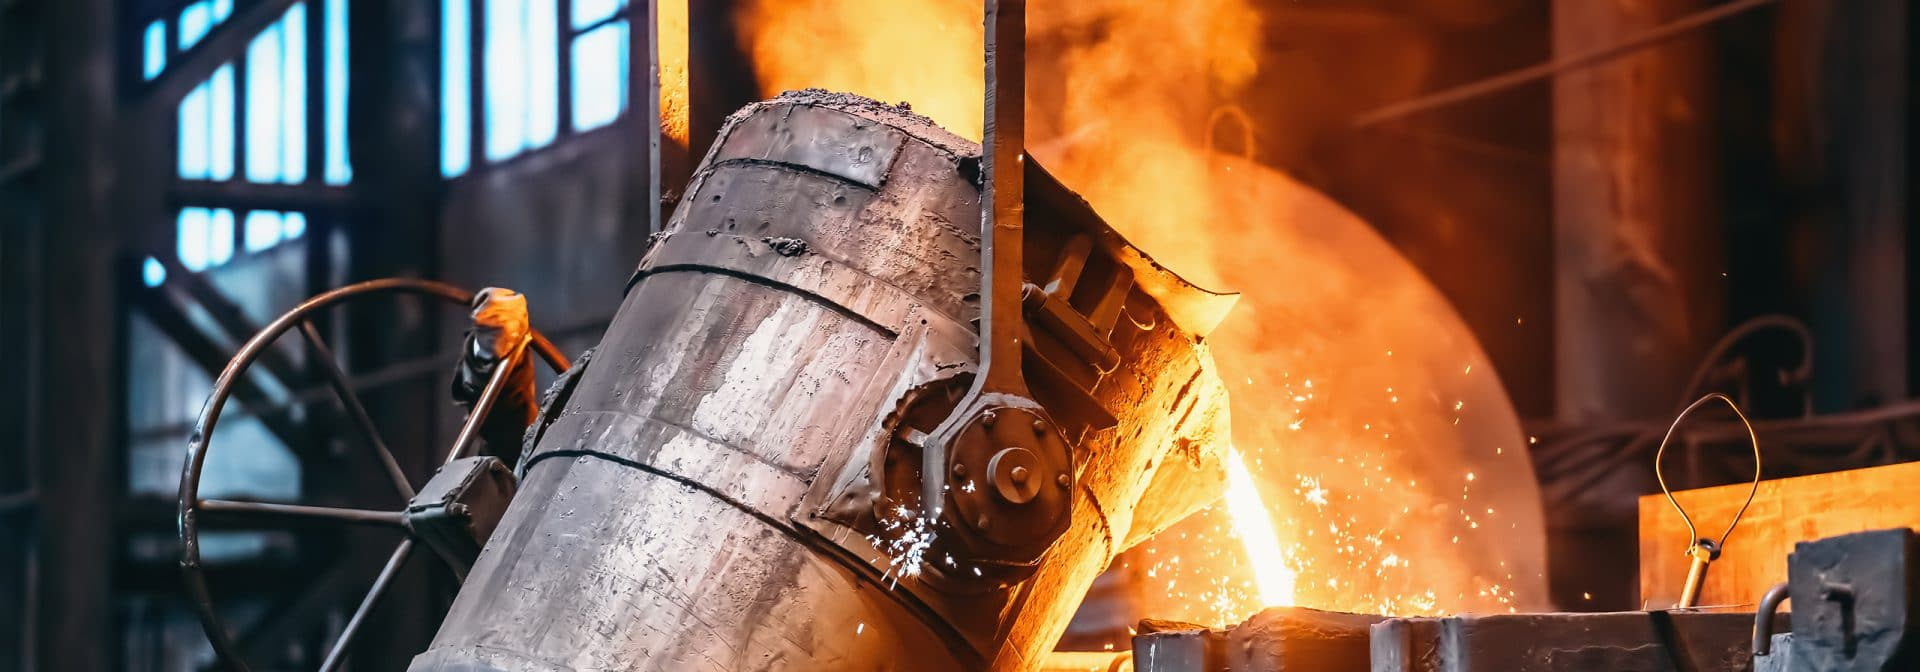 ELCEE fertigt Gussteile aus unterschiedlichem Material wie Stahl, Edelstahl, Aluminium, Eisen und Kupfer.